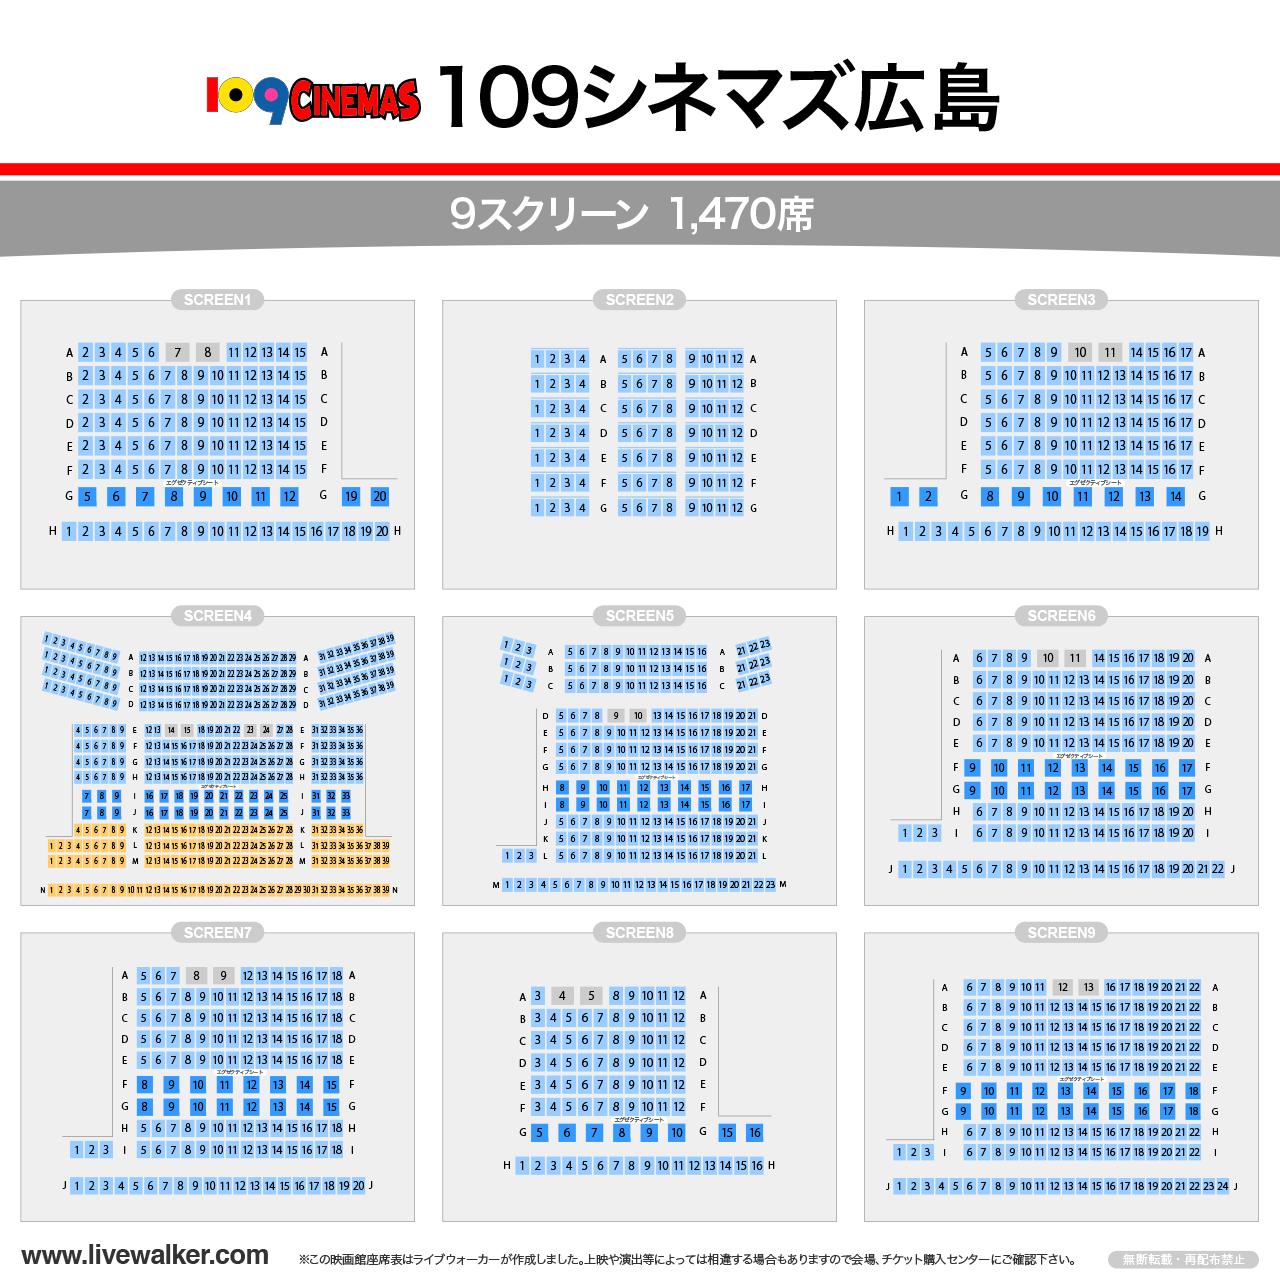 109シネマズ広島 (広島県 広島市西区) - LiveWalker.com